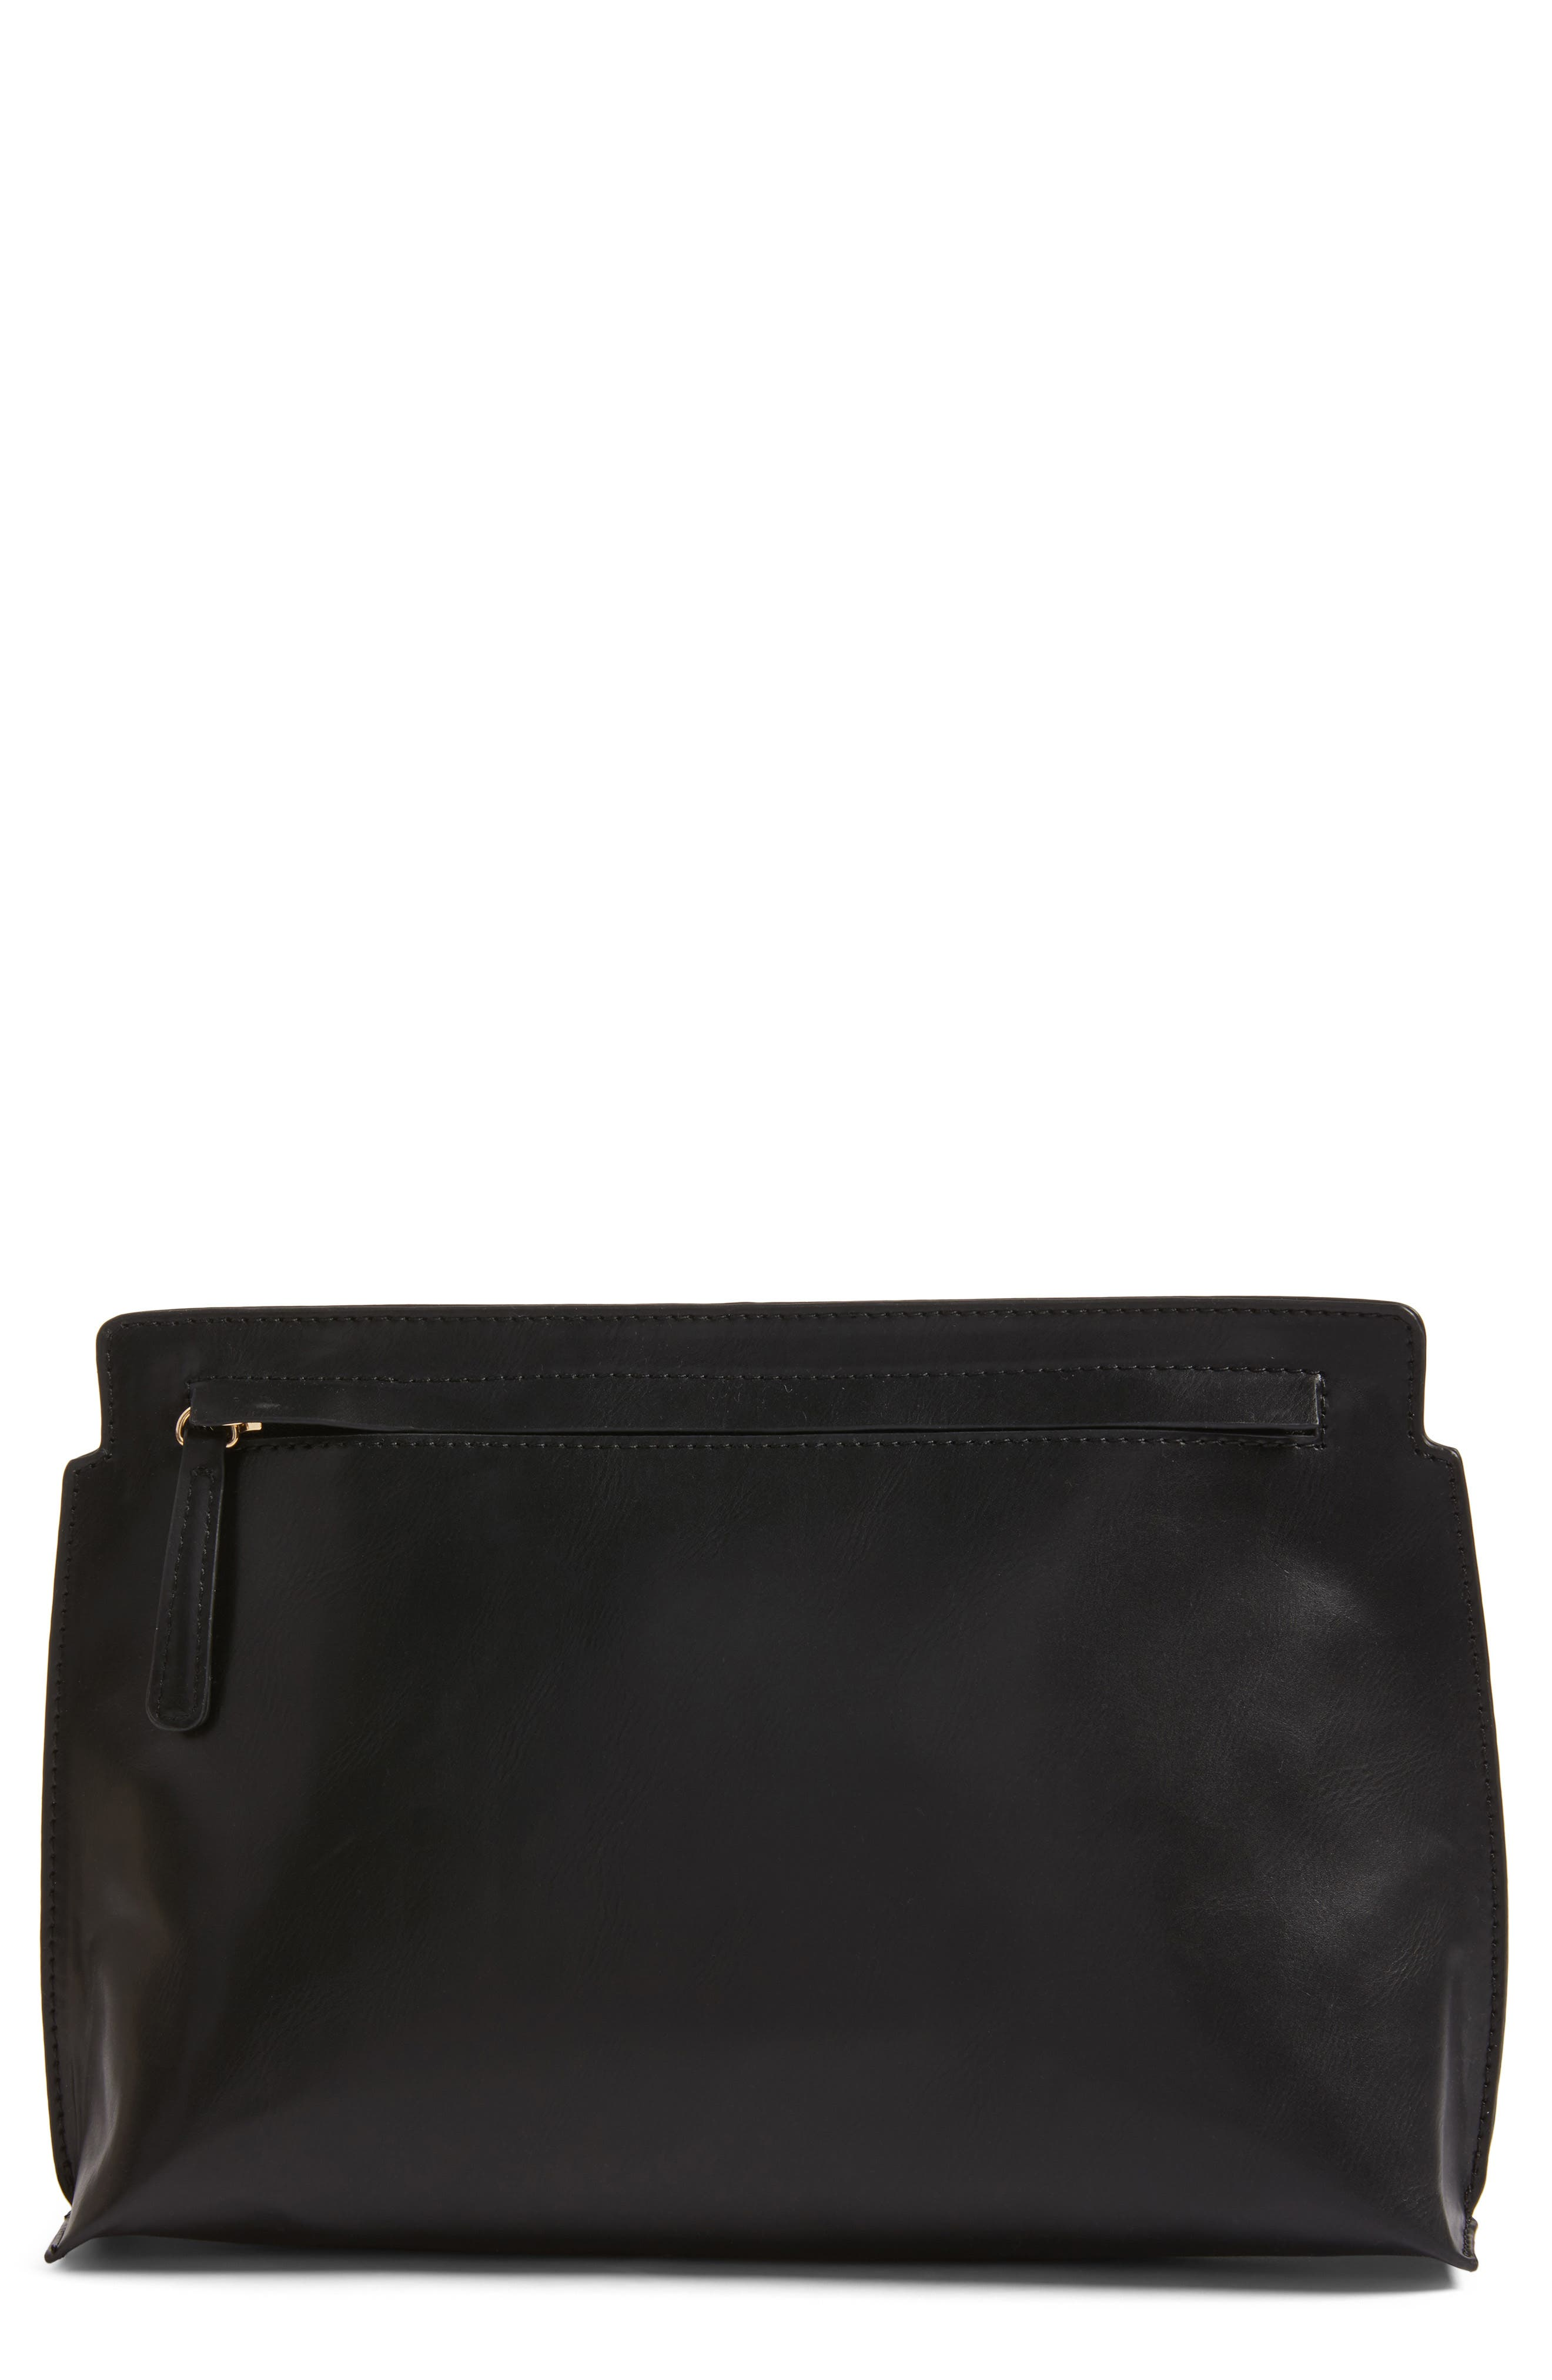 BP. Faux Leather Clutch, Main, color, 001